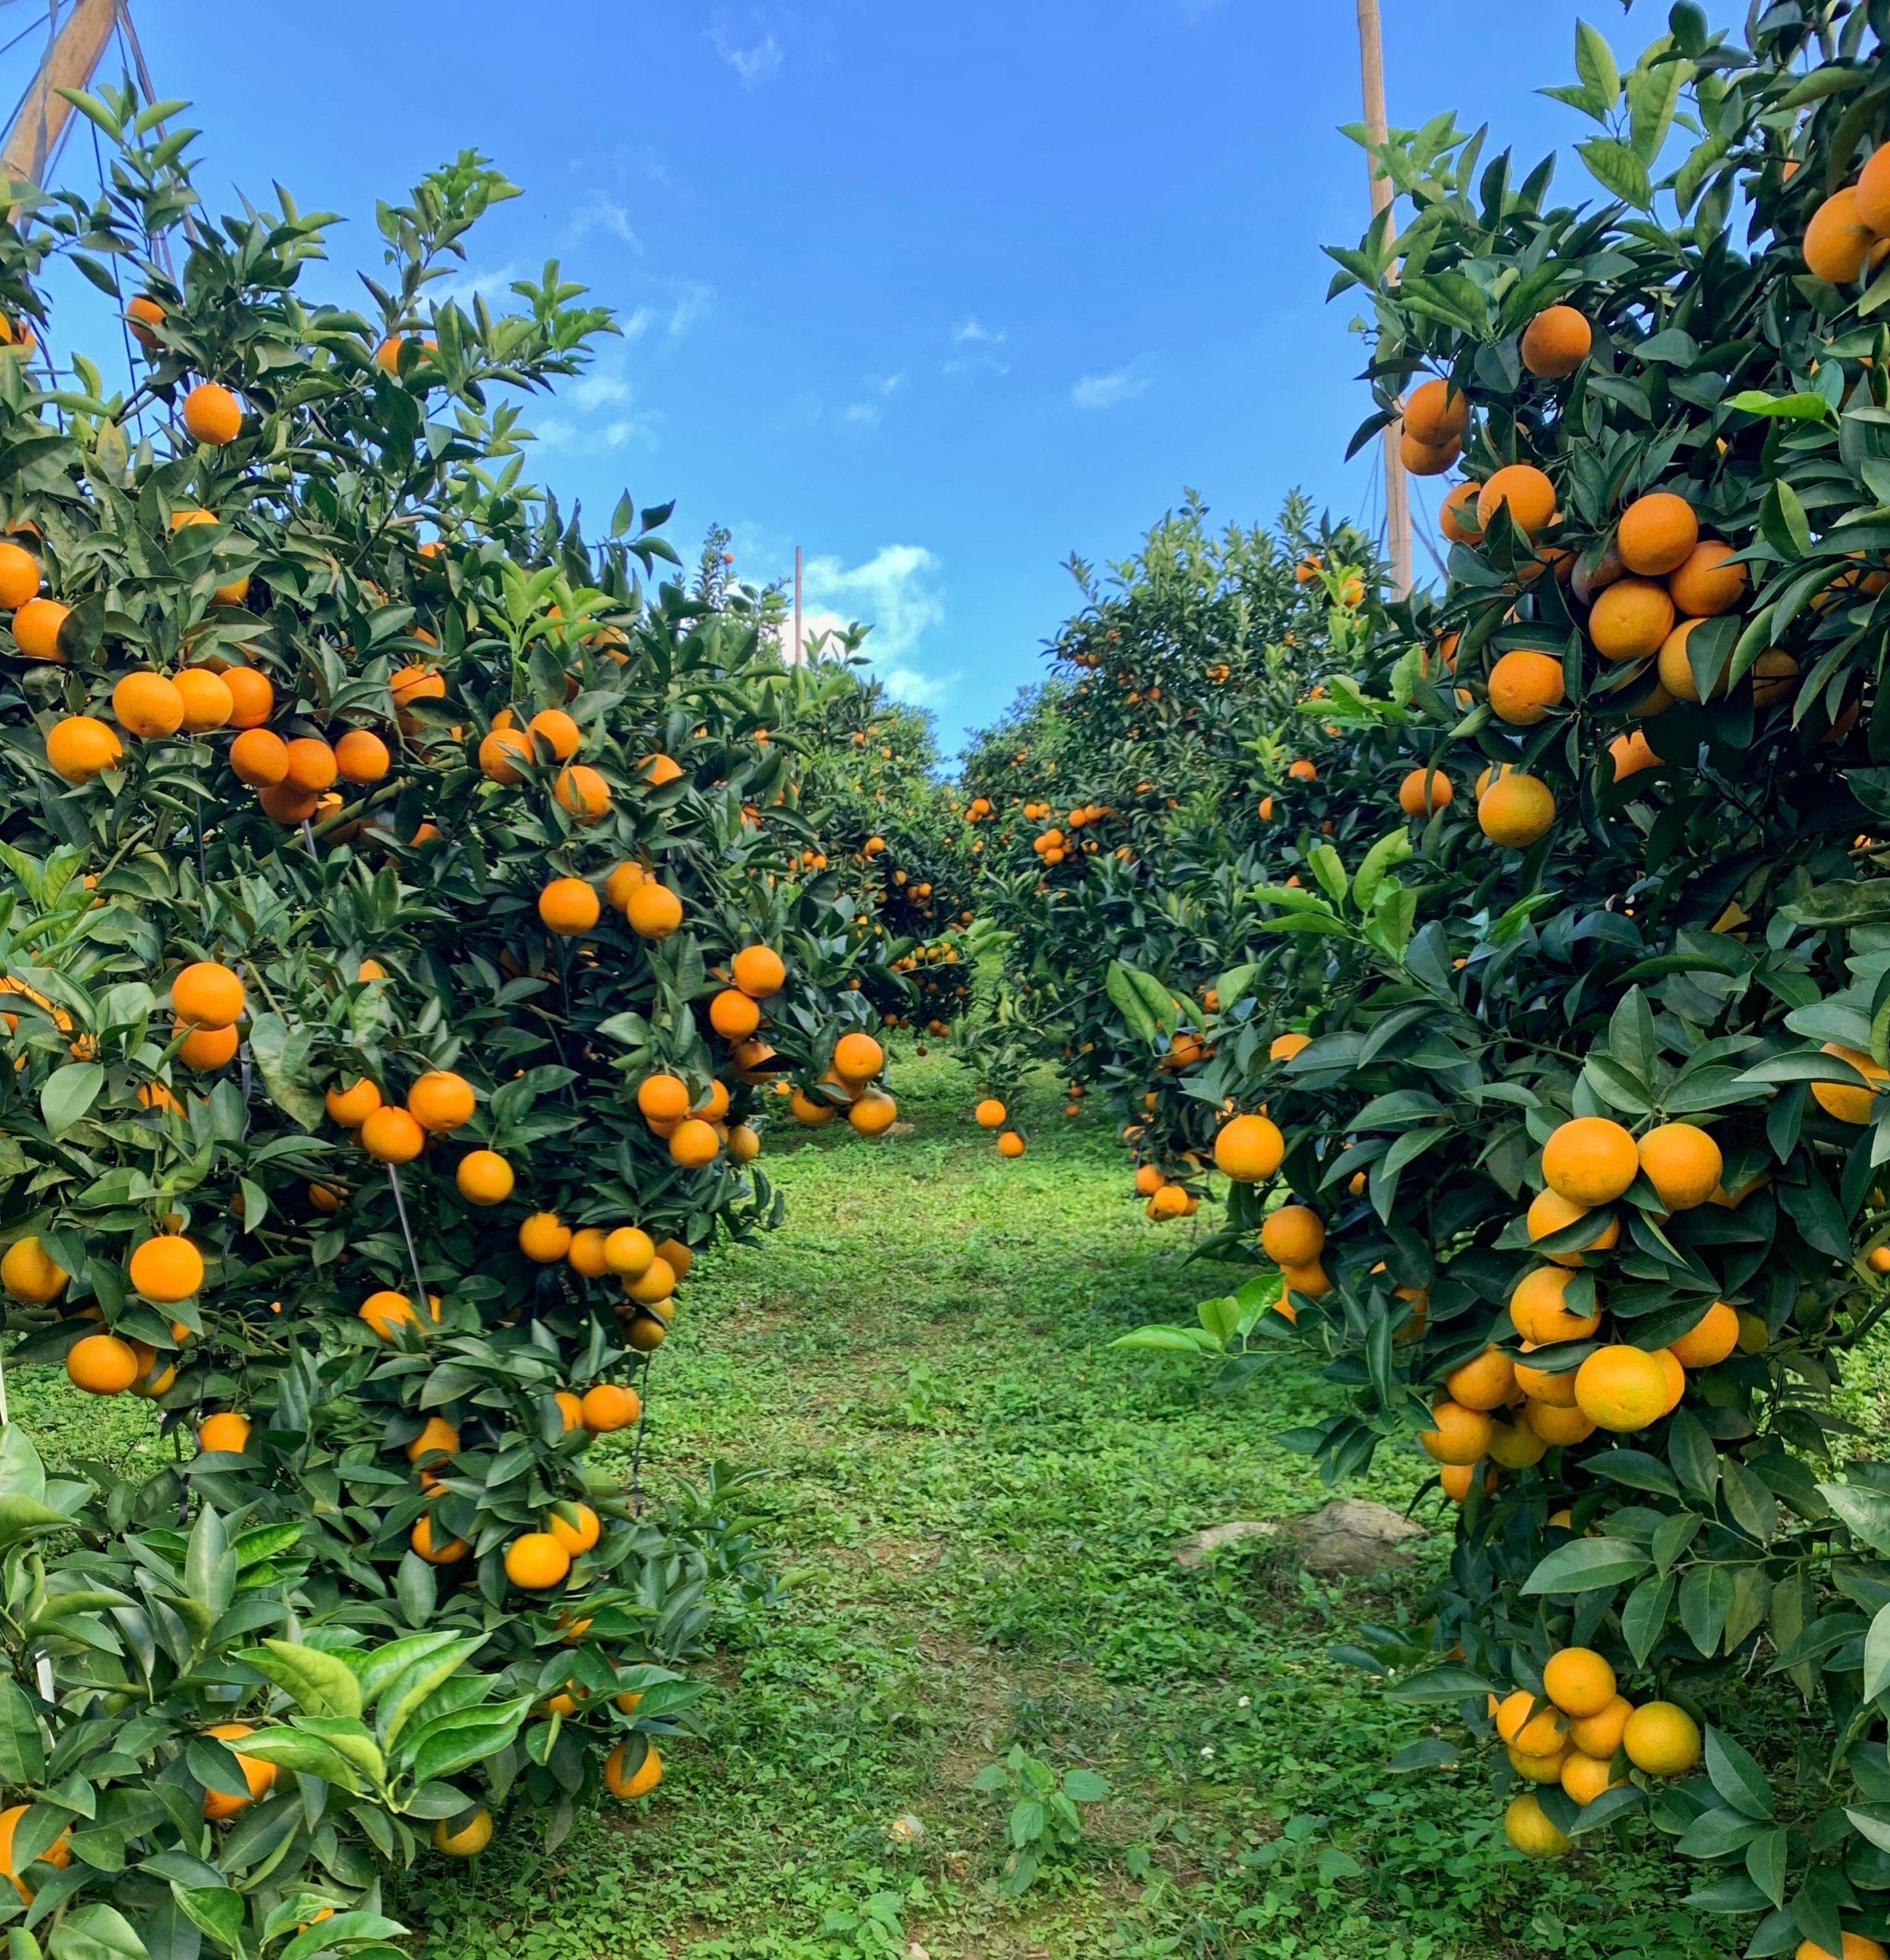 Những vườn cam Mộc Châu đang vào chính vụ sai trĩu quả